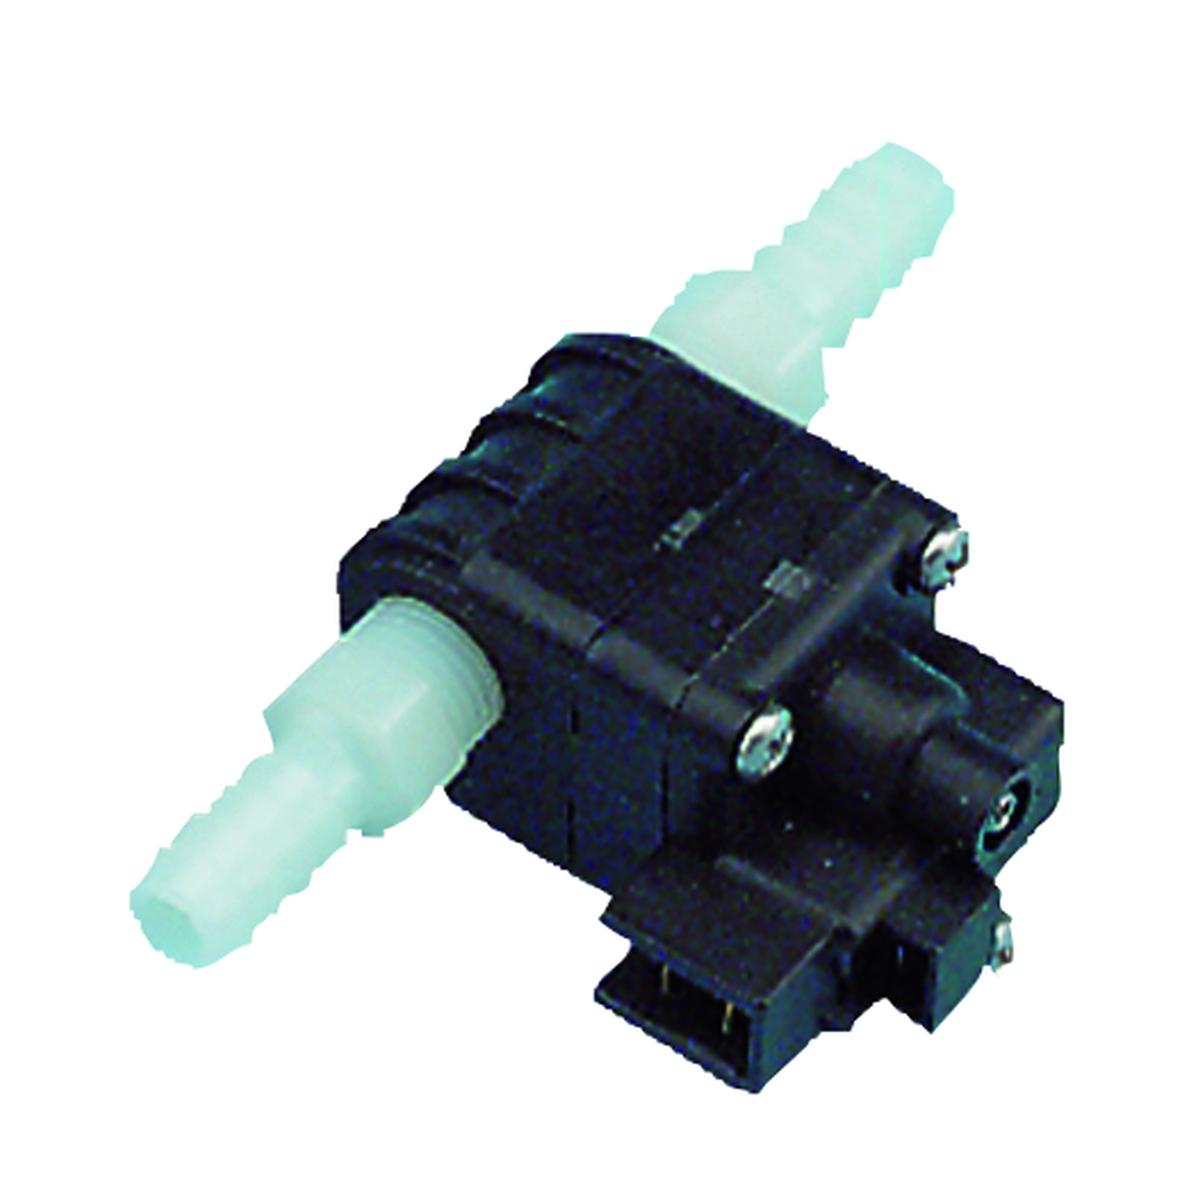 Luft-Aus-Schalter